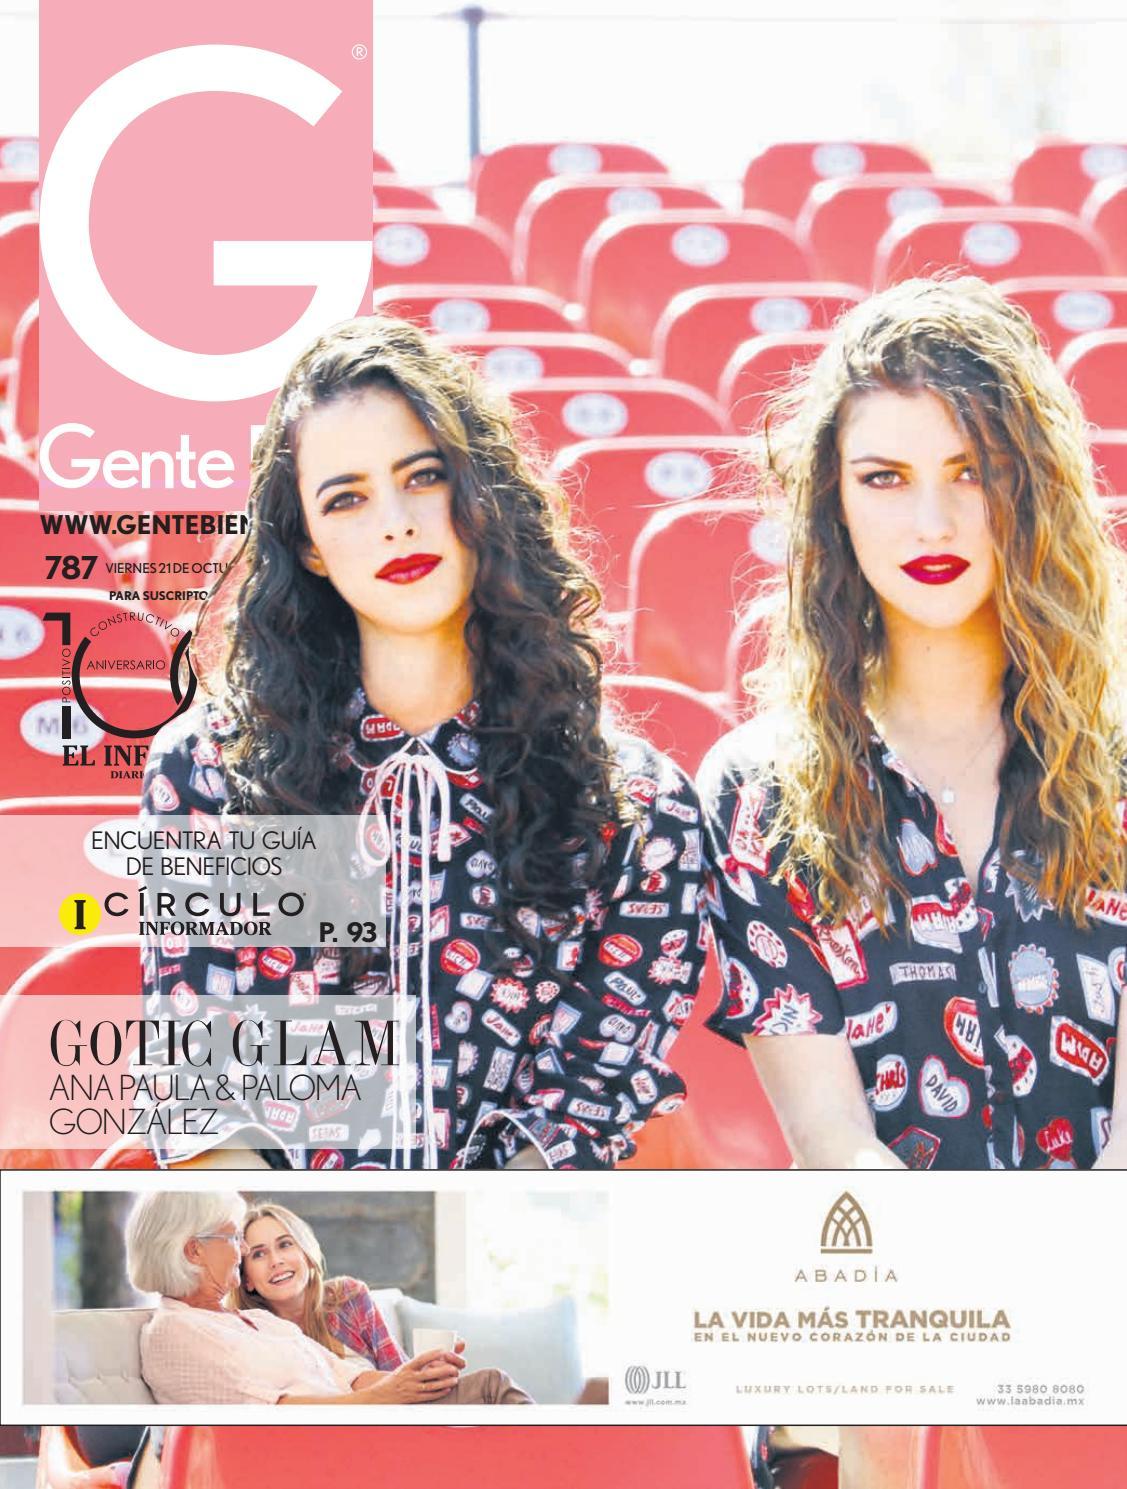 Gentebien787 by Gente Bien Imagenes - issuu